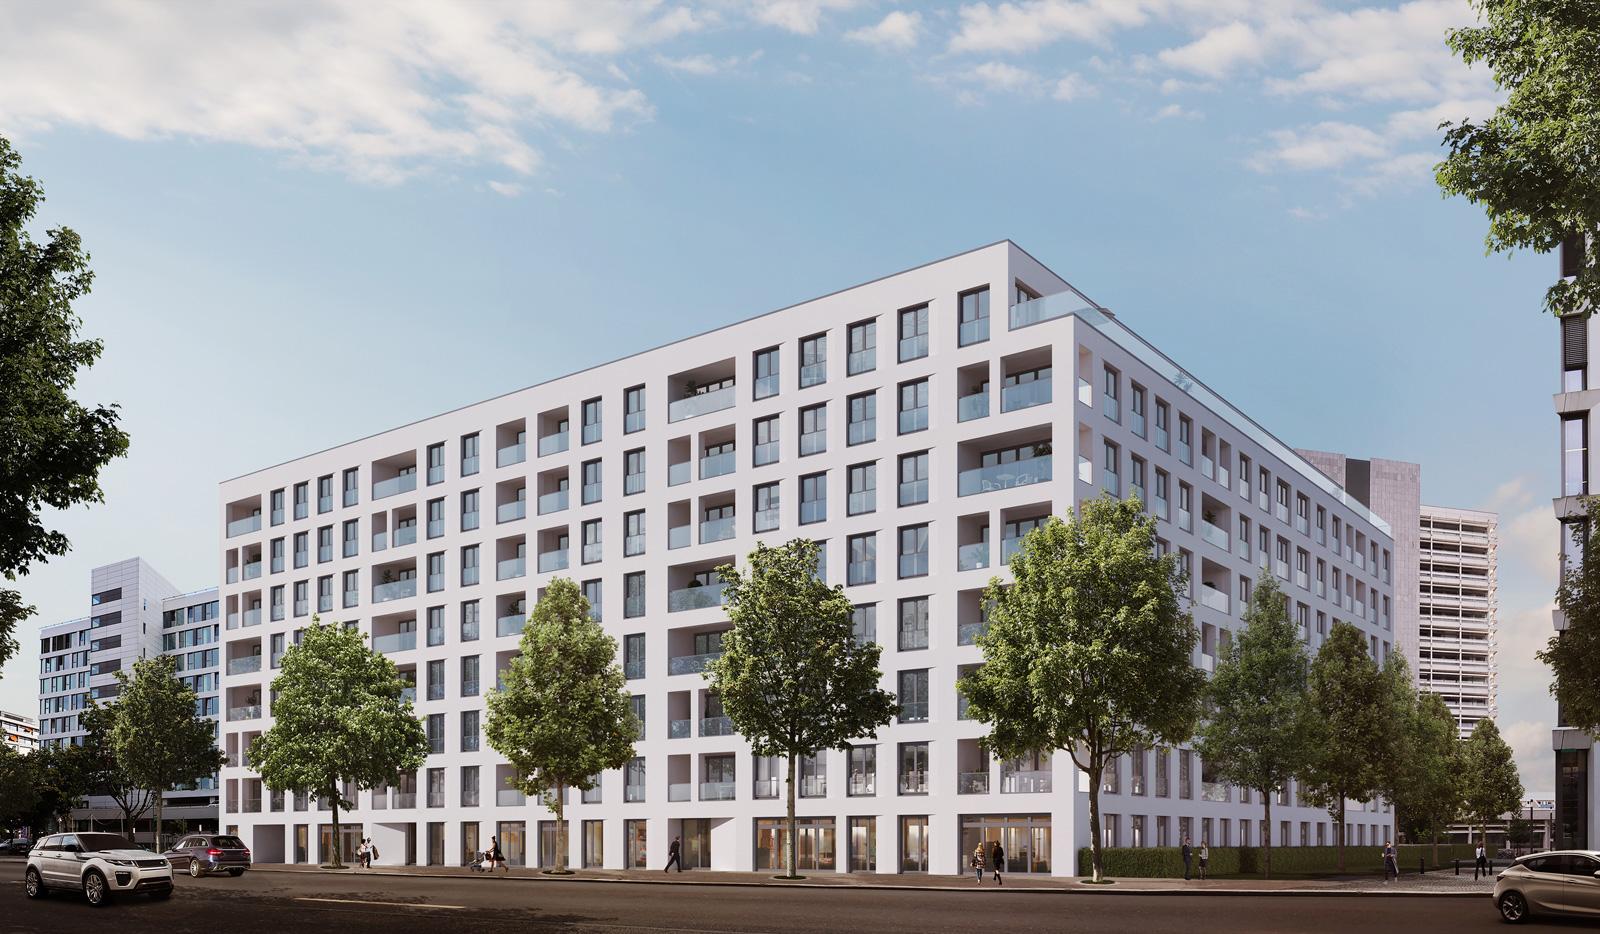 Residenz am Ernst-Reuter-Platz